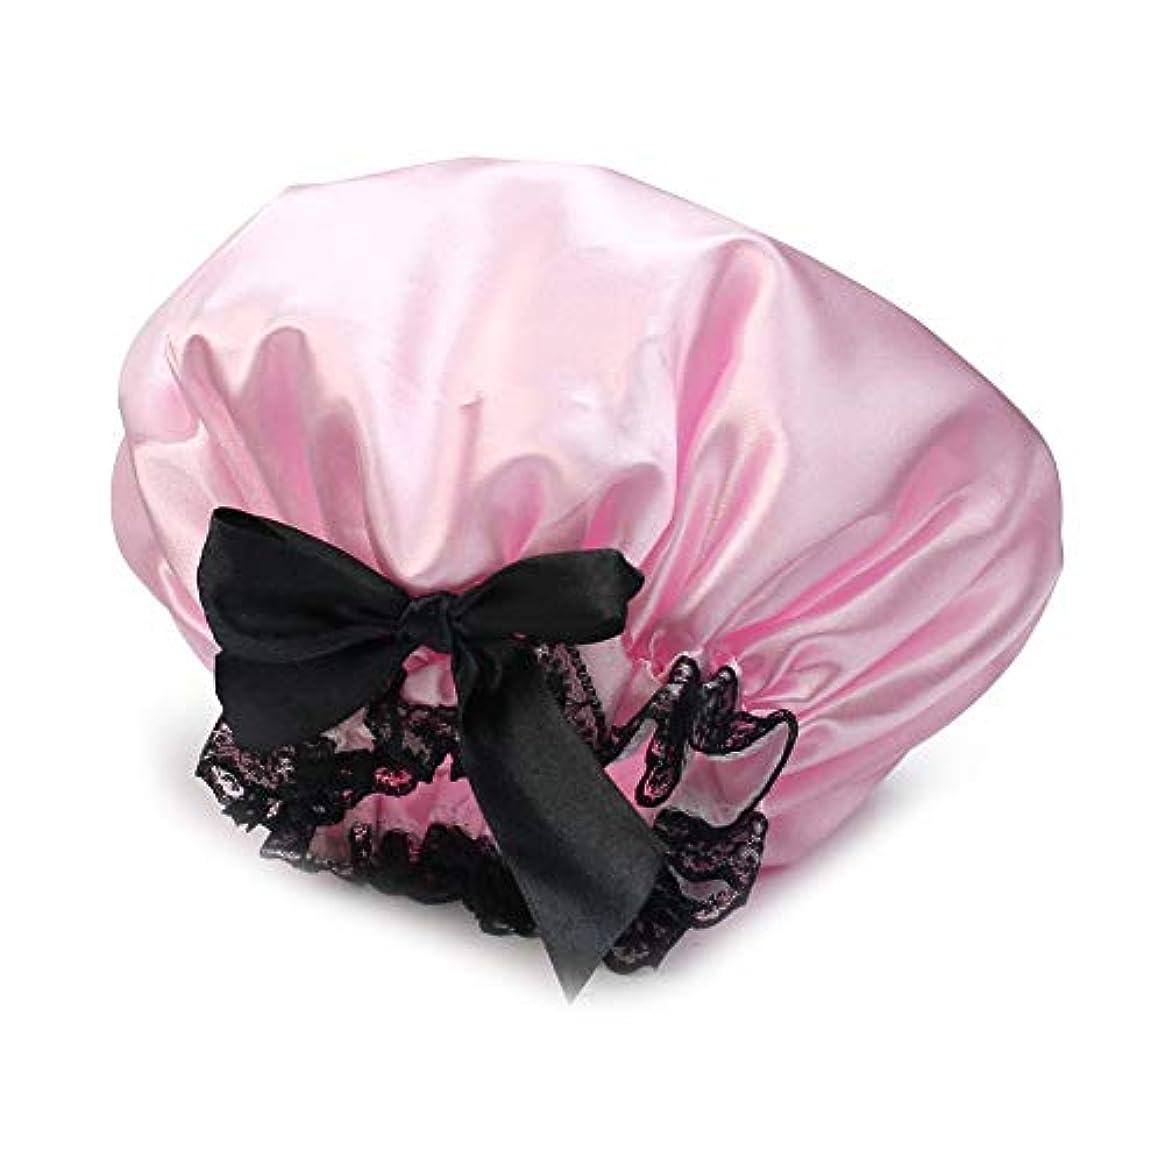 空白靴下シェアOrient Direct 女性の女の子のための入浴キャップゴムバンドシャワー帽子髪の入浴キャップ